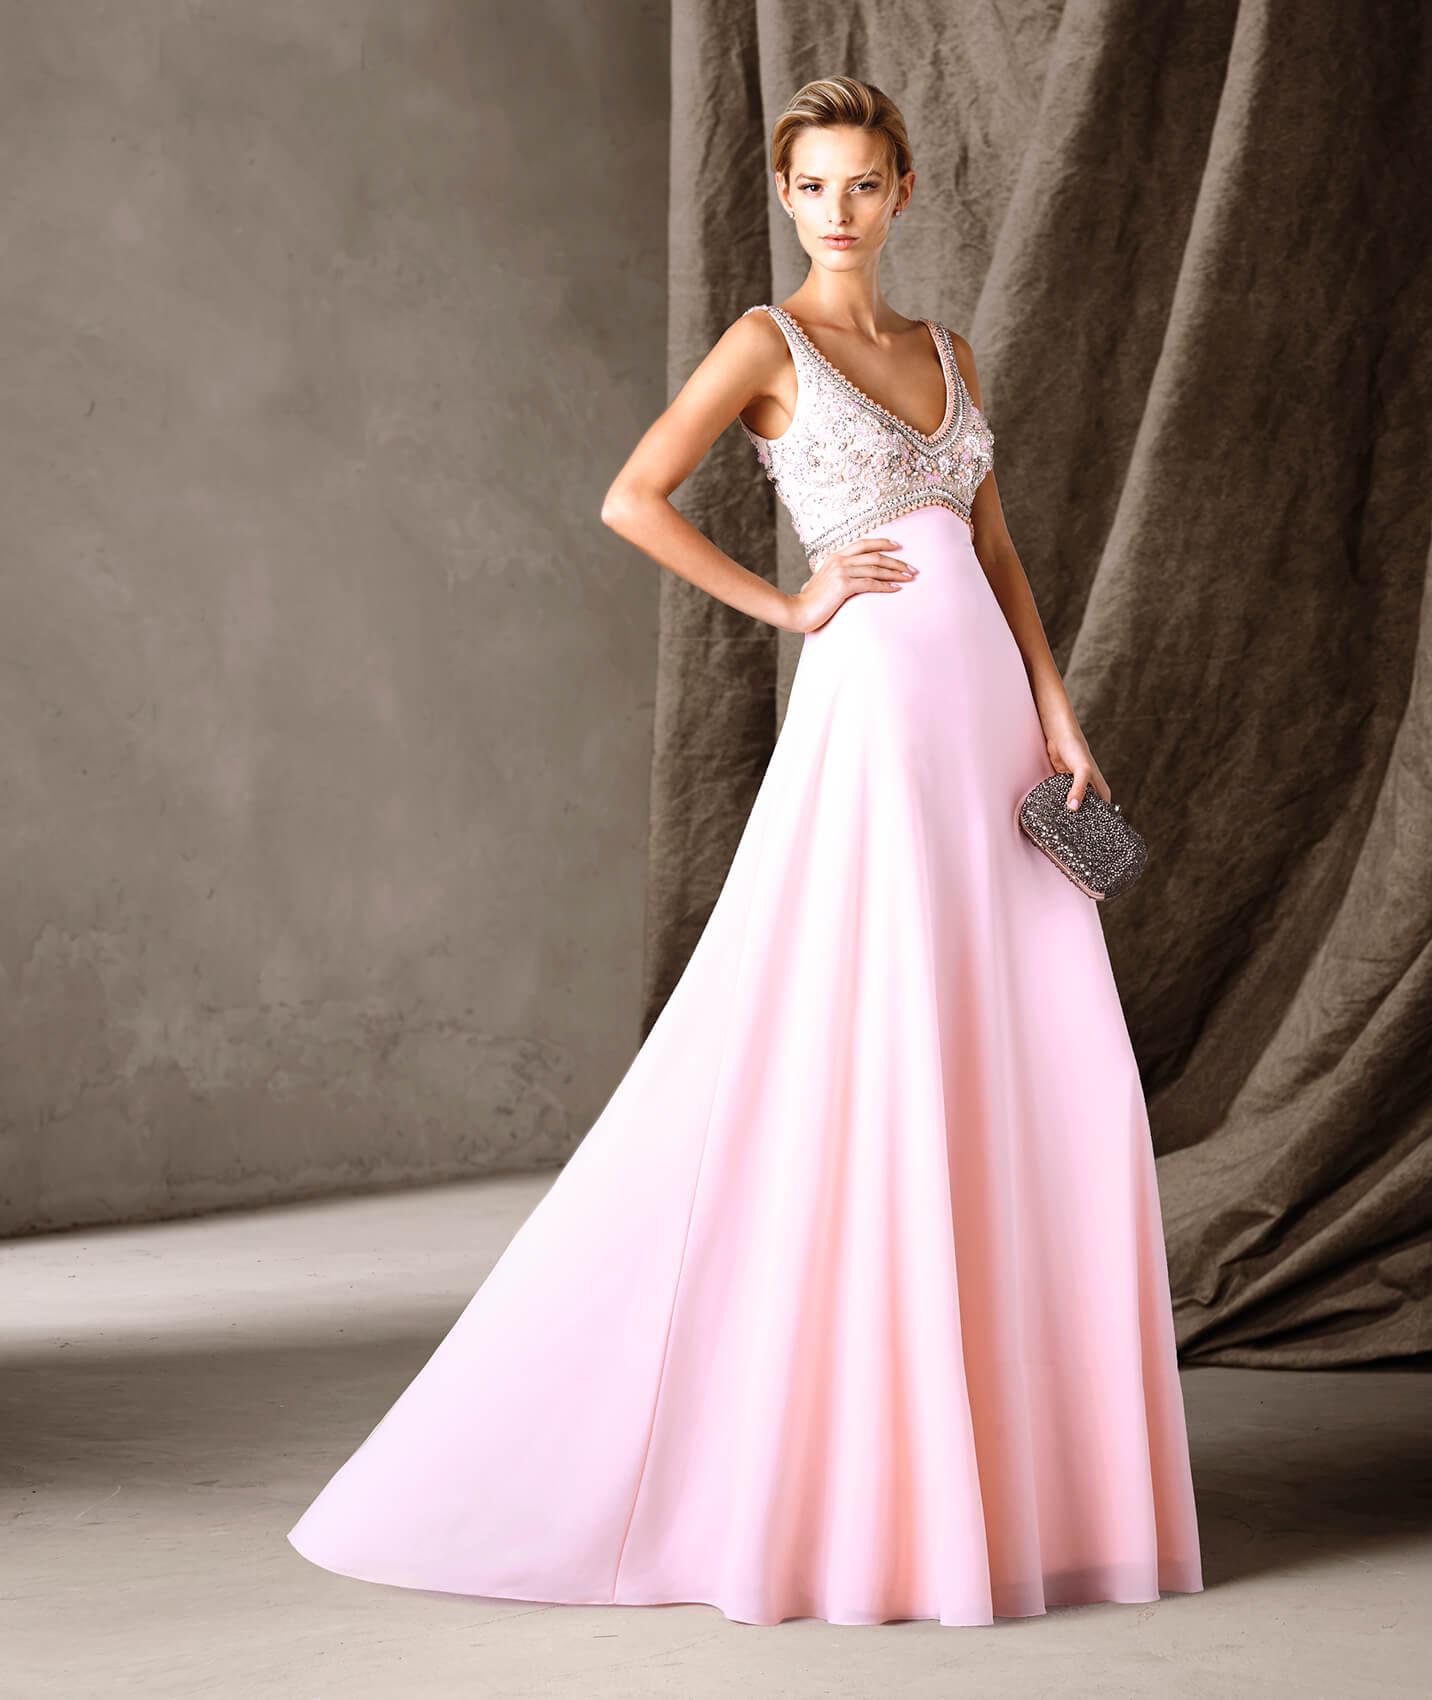 8c8bdc169 A jovialidade do rosa merece destaque. Veja este modelo evasé de corte na  cintura: um modelo clássico e cheio de detalhes, como os motivos florais  que ...